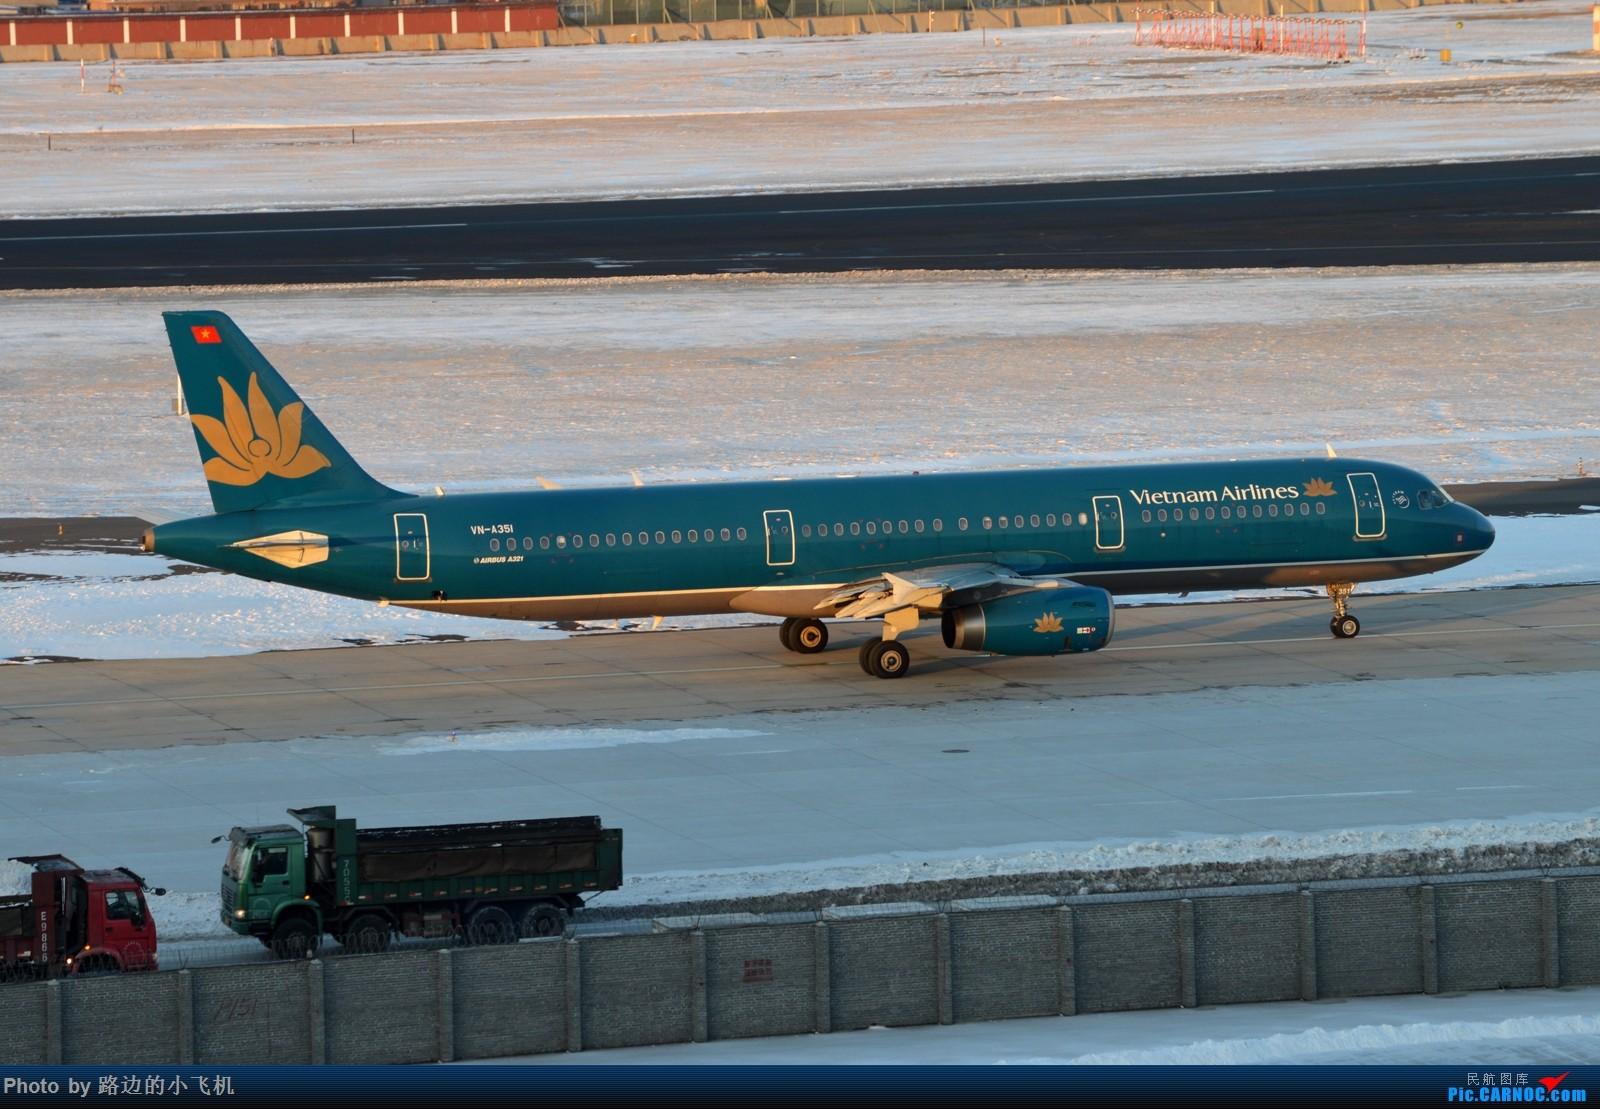 Re:[原创]【DLC】个人向一二月不定期拍机集锦 AIRBUS A321 VN-A351 大连周水子国际机场